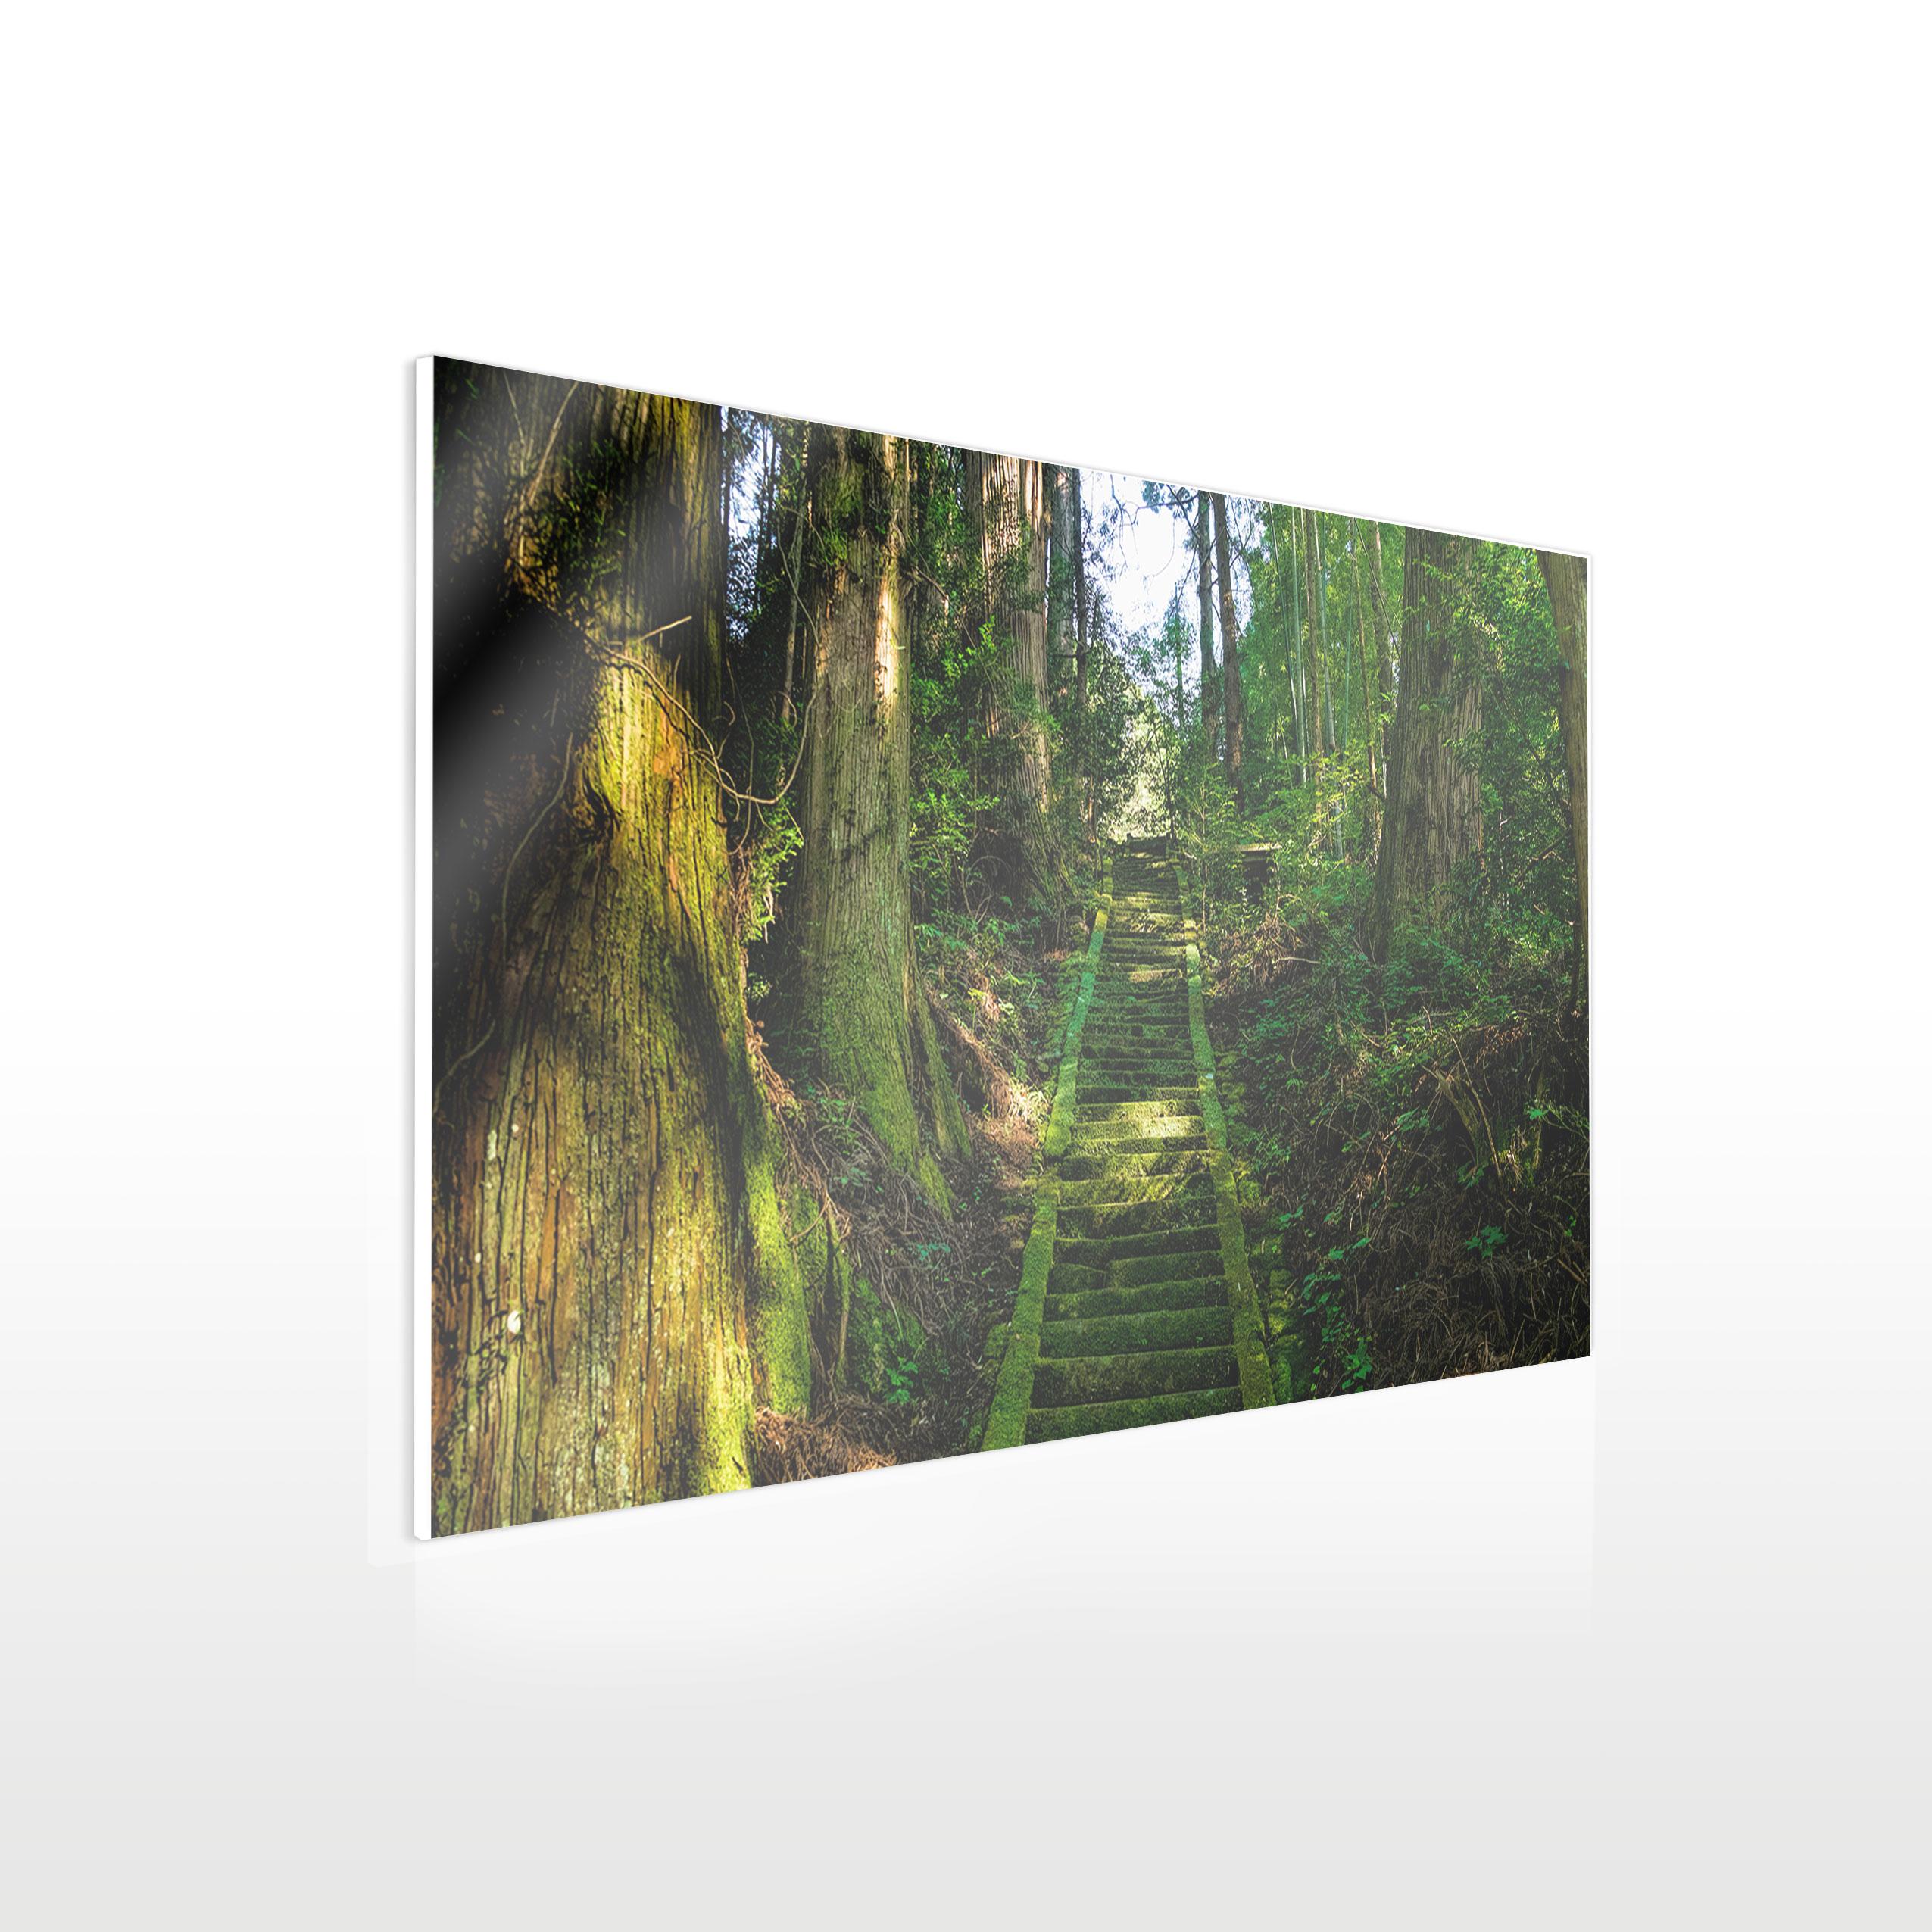 Werbeschilder24.de - Acrylglas Wandbild - Beispiel Urwald